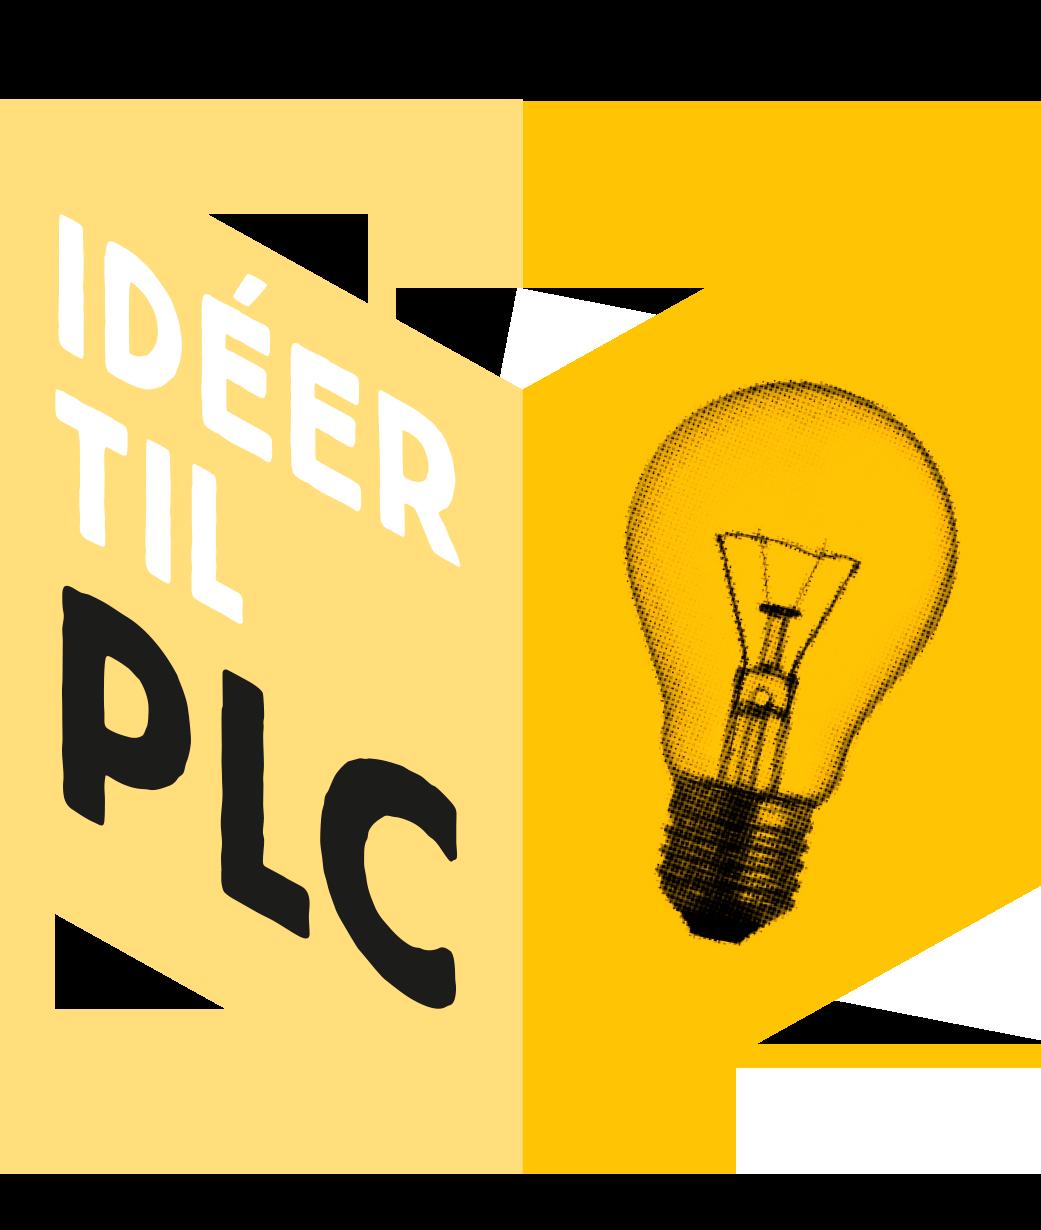 03-ideer-til-plc.png